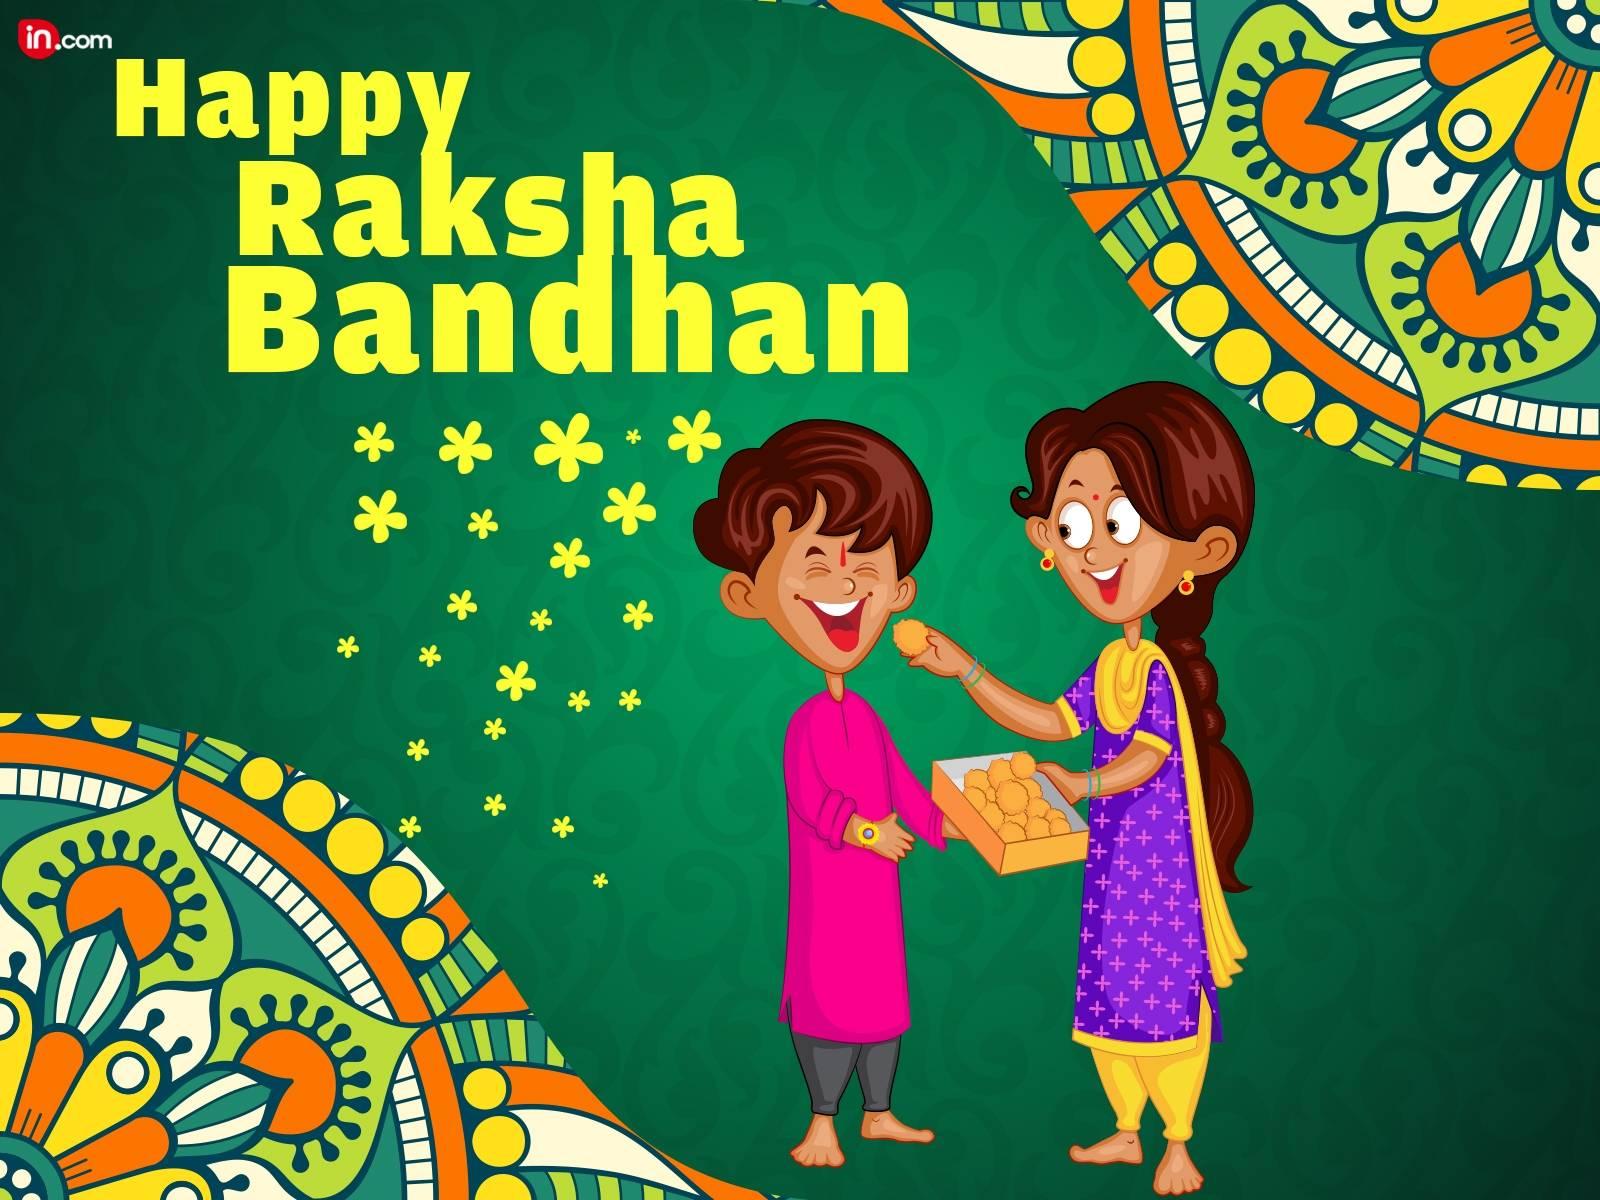 raksha bandhan essay in hindi Raksha bandhan, रक्षाबंधन पर निबंध, essay on raksha bandhan in hindi, रक्षाबंधन का महत्व.